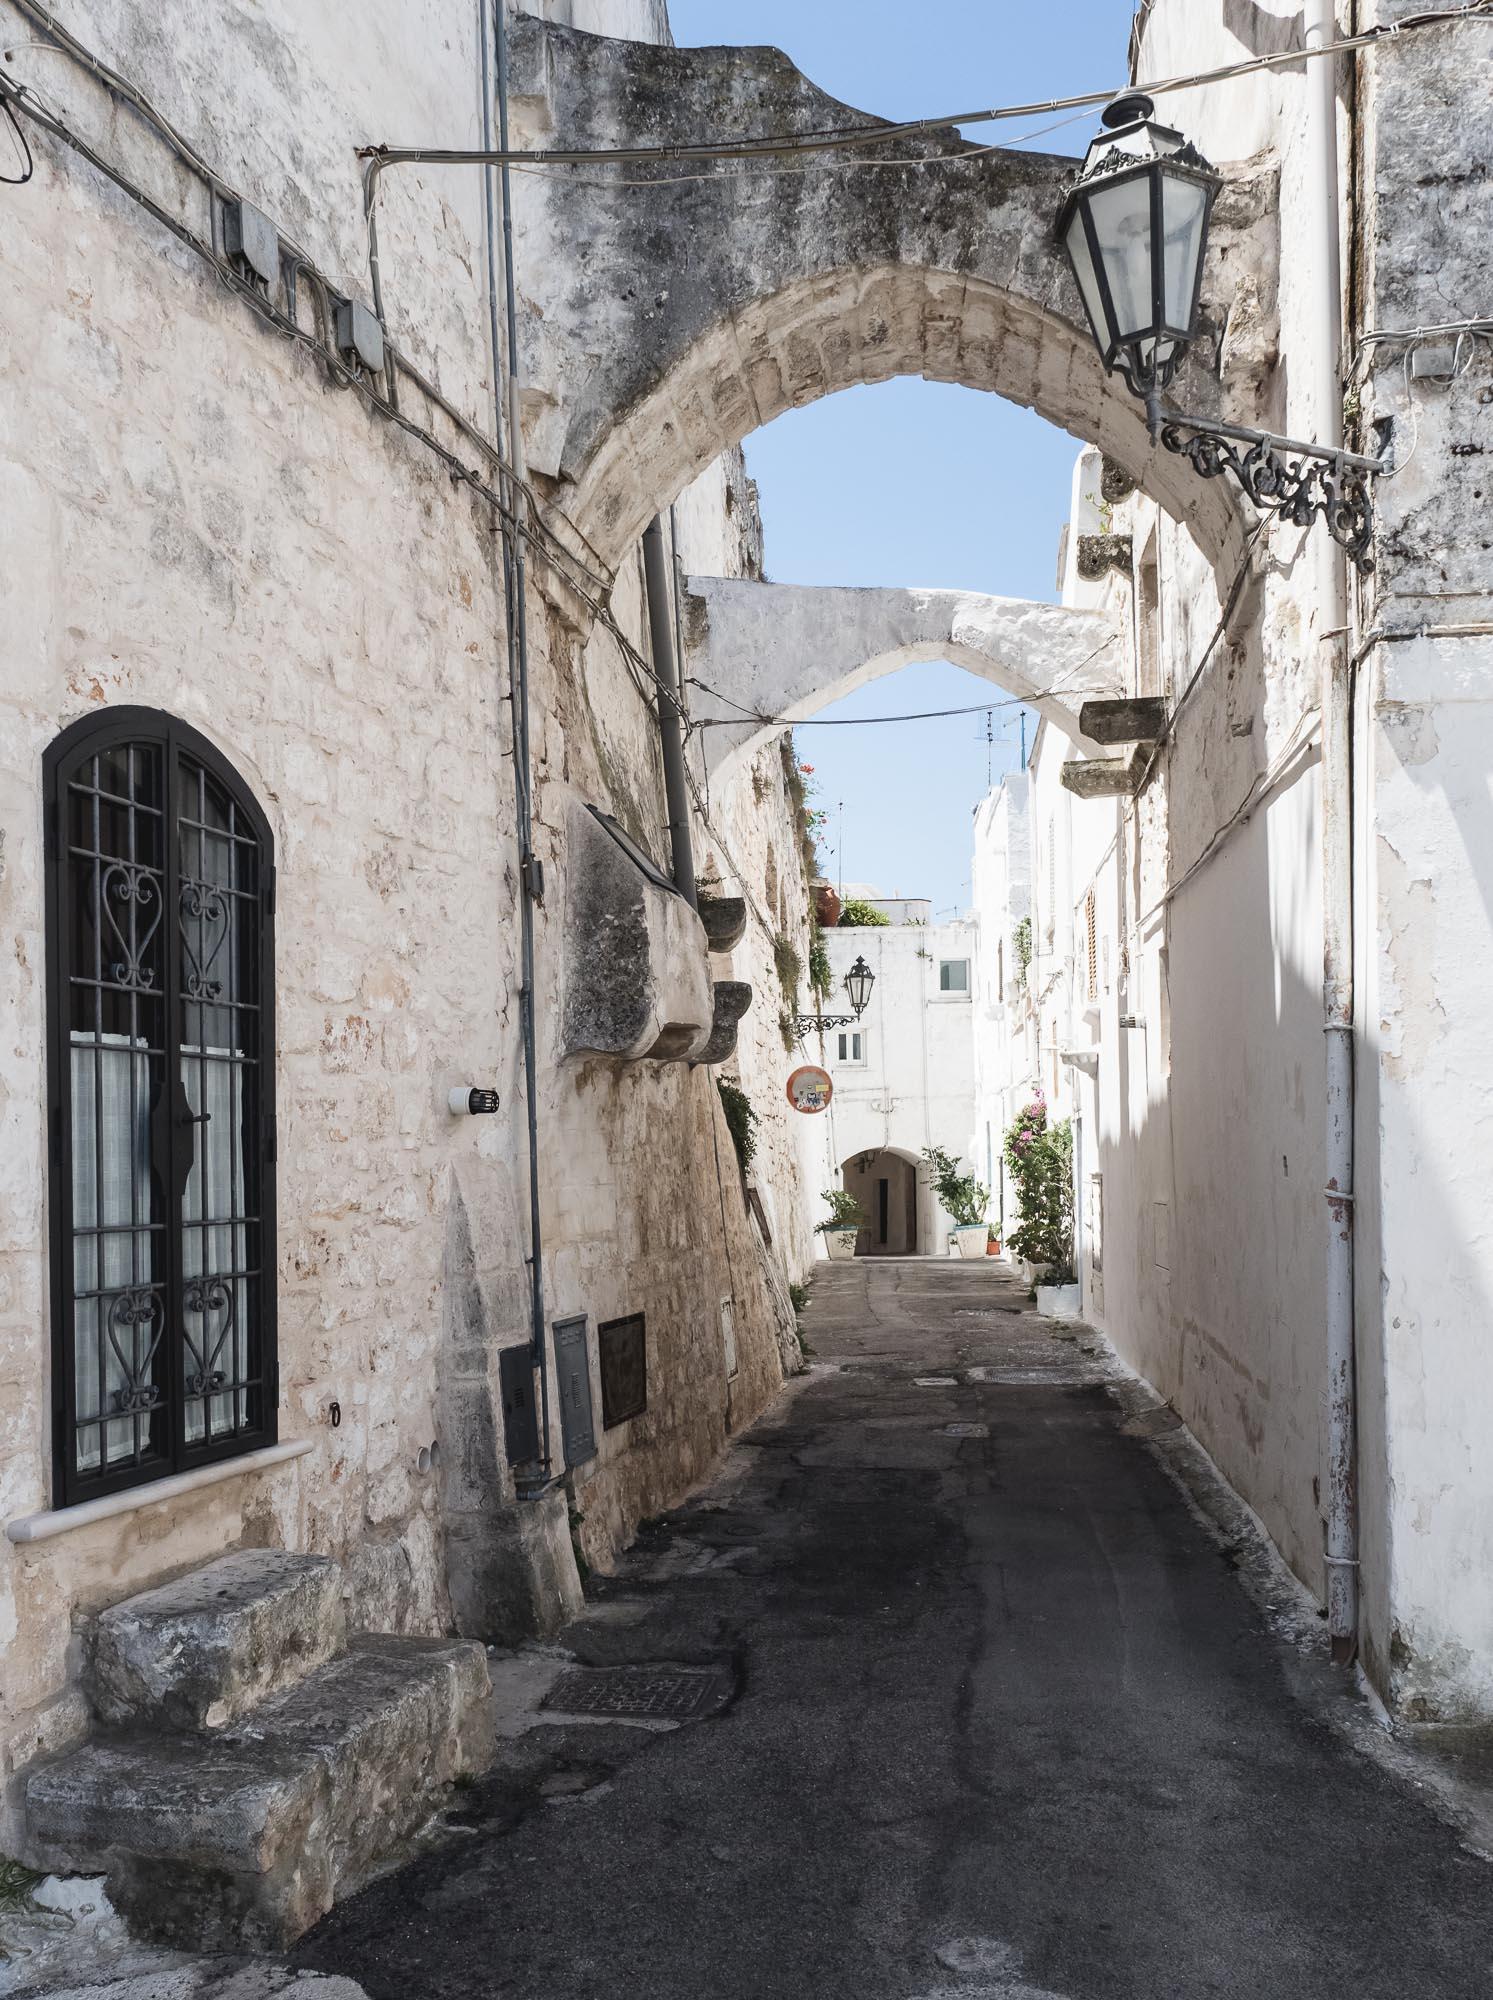 Streets of Ostuni